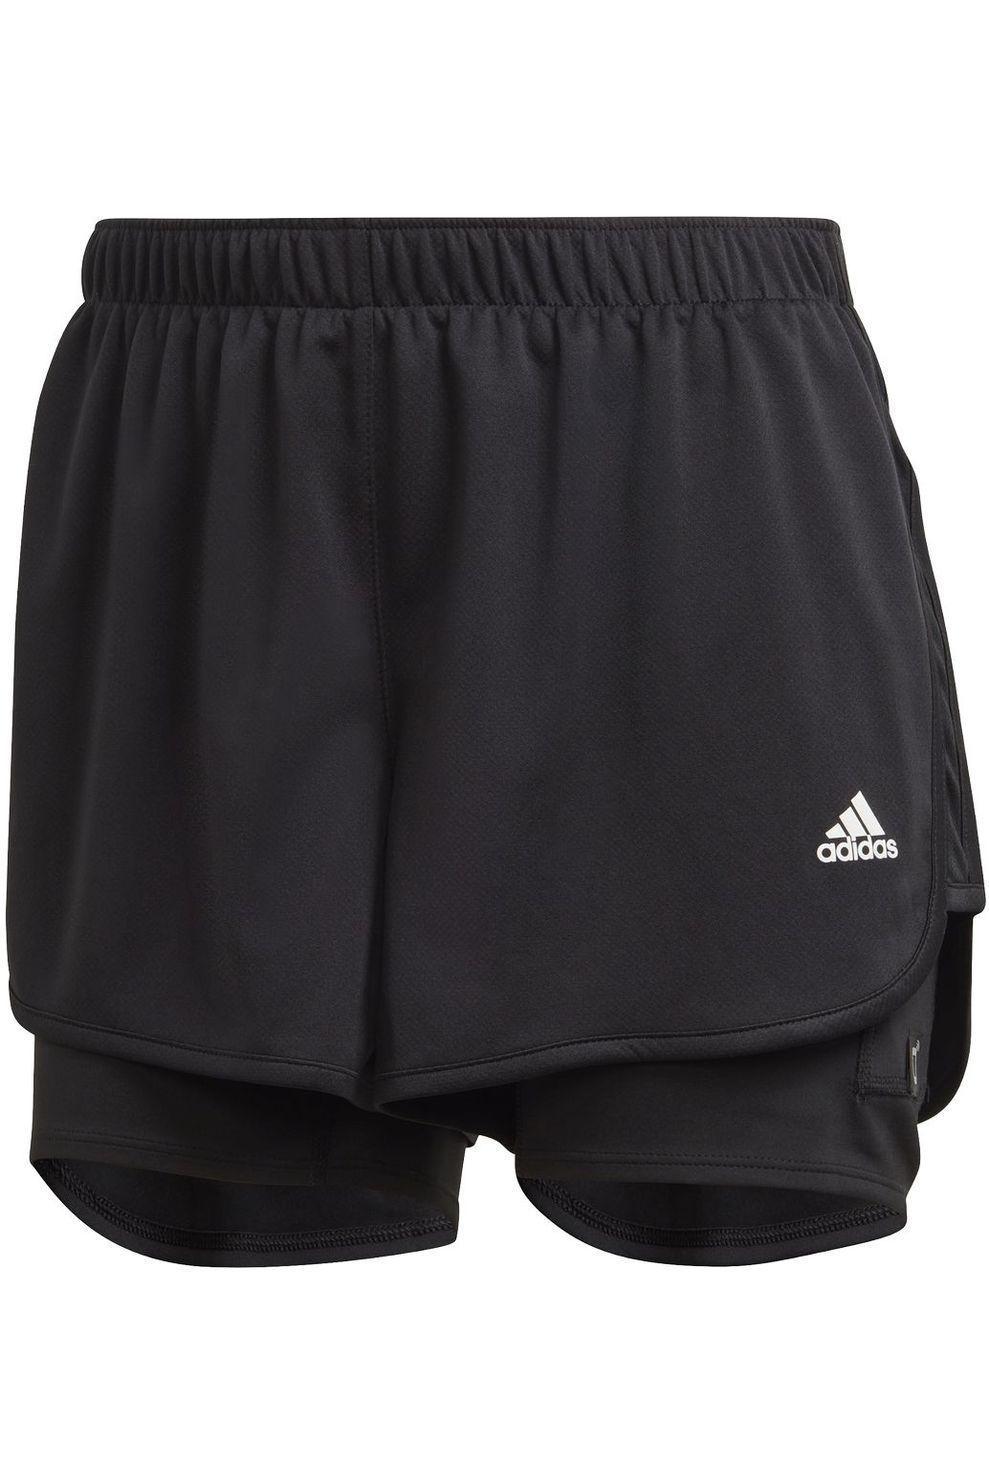 adidas Short M20 Short 2In1 voor dames - Zwart - Maten: XS, M, L